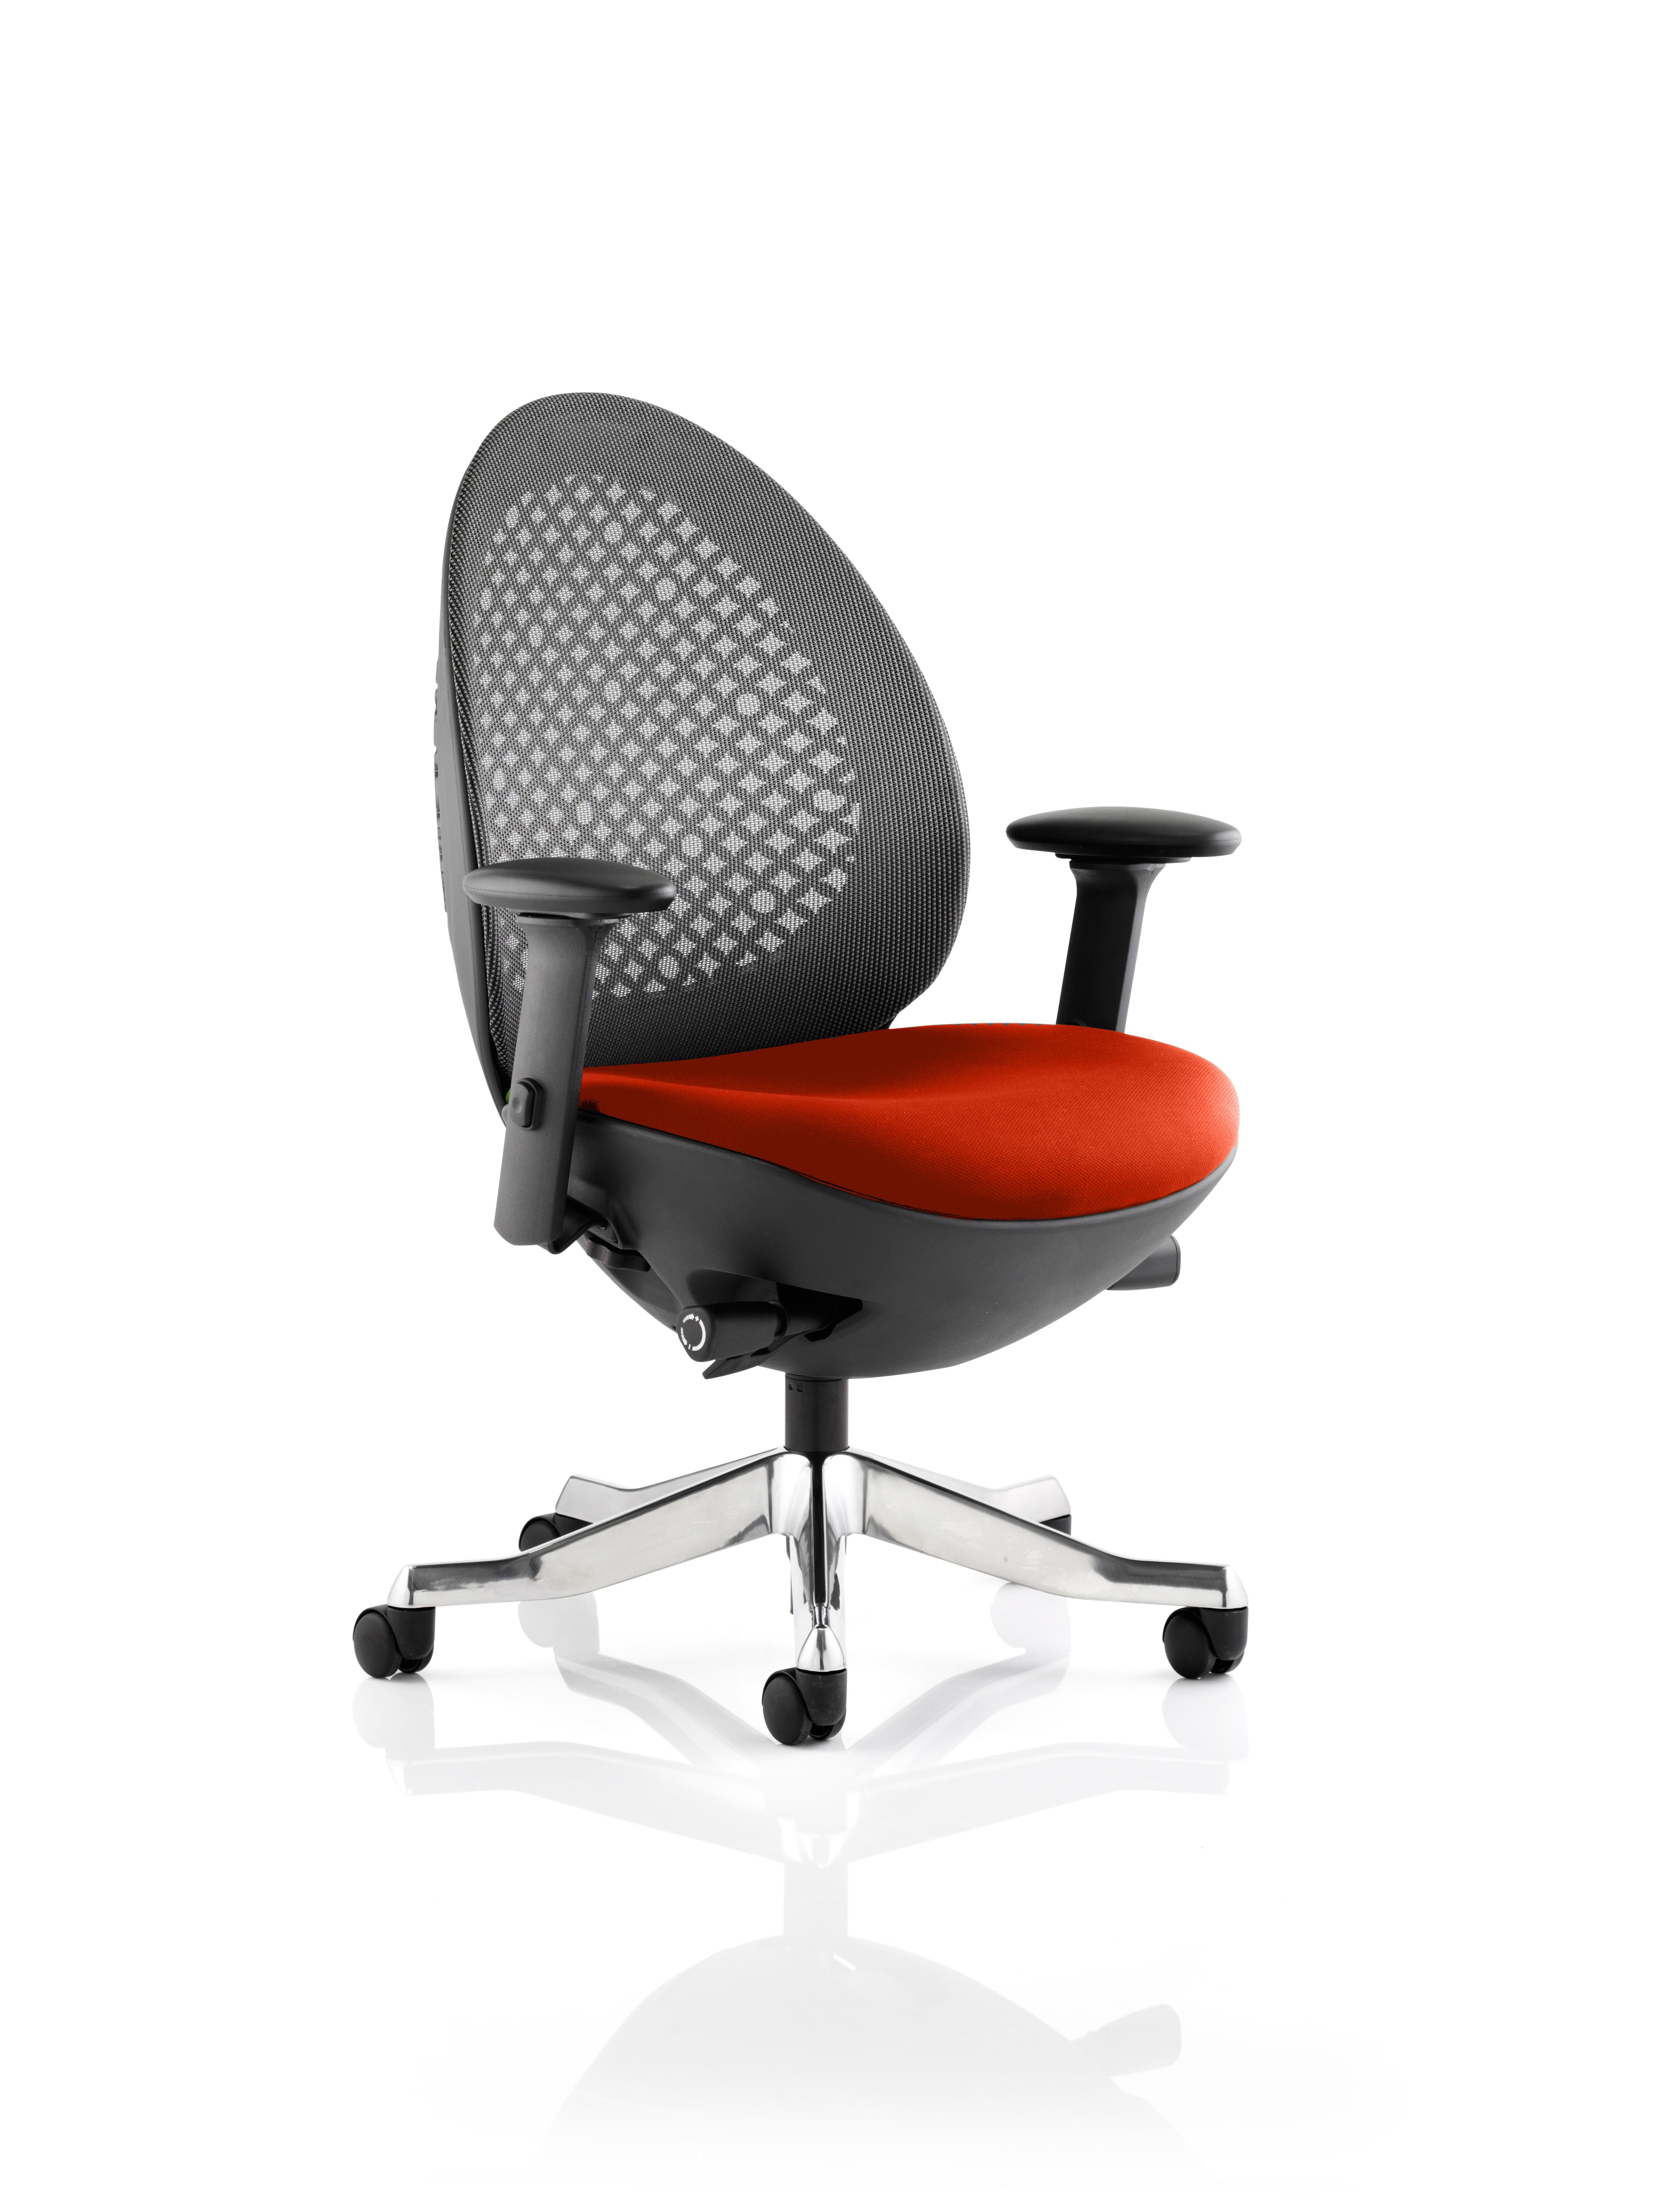 Revo Bespoke Colour Seat In Tabasco Red